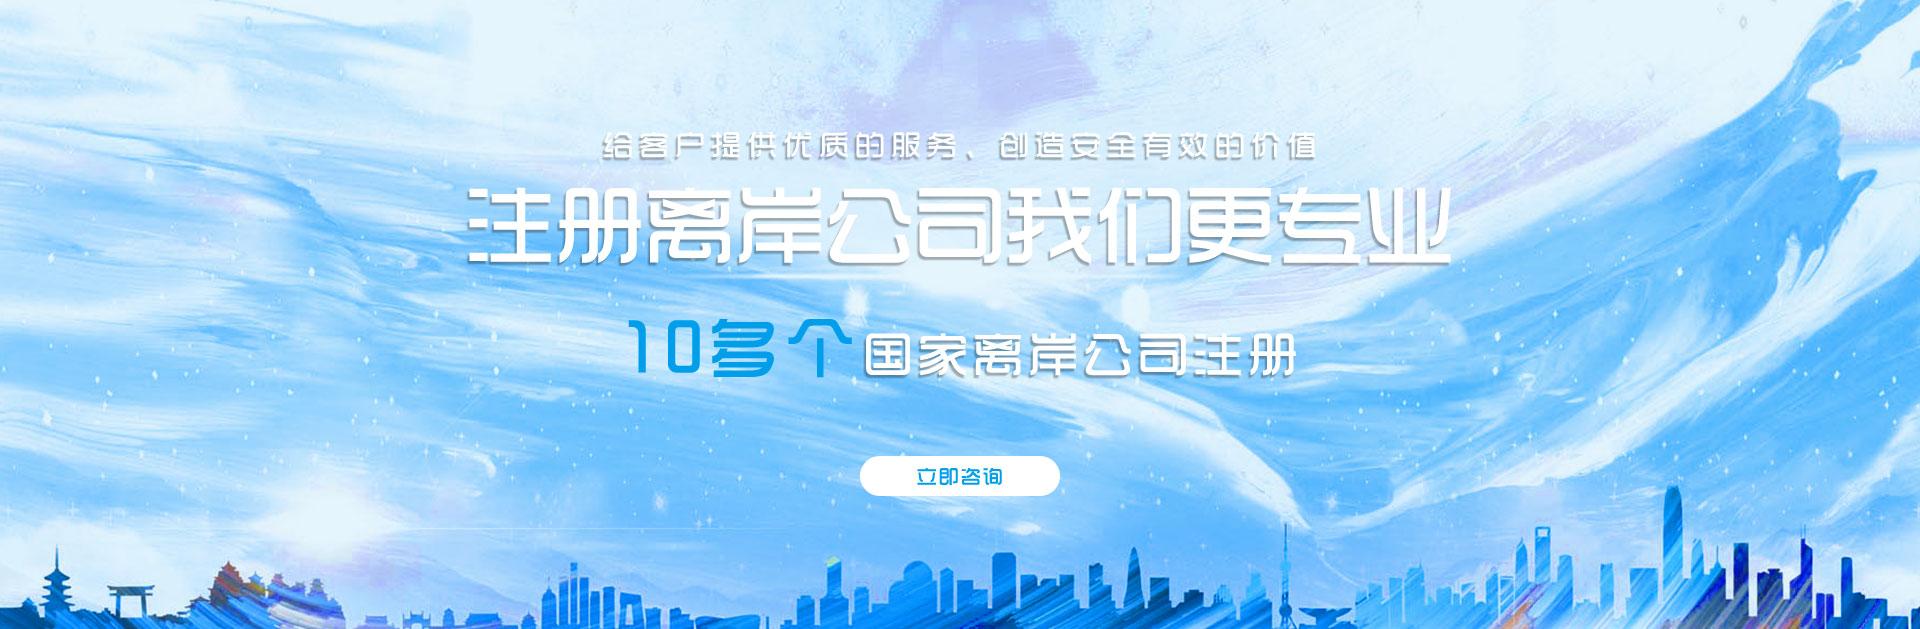 海外(国外)公司注册_深圳离岸(境外)公司注册代理-开心投资